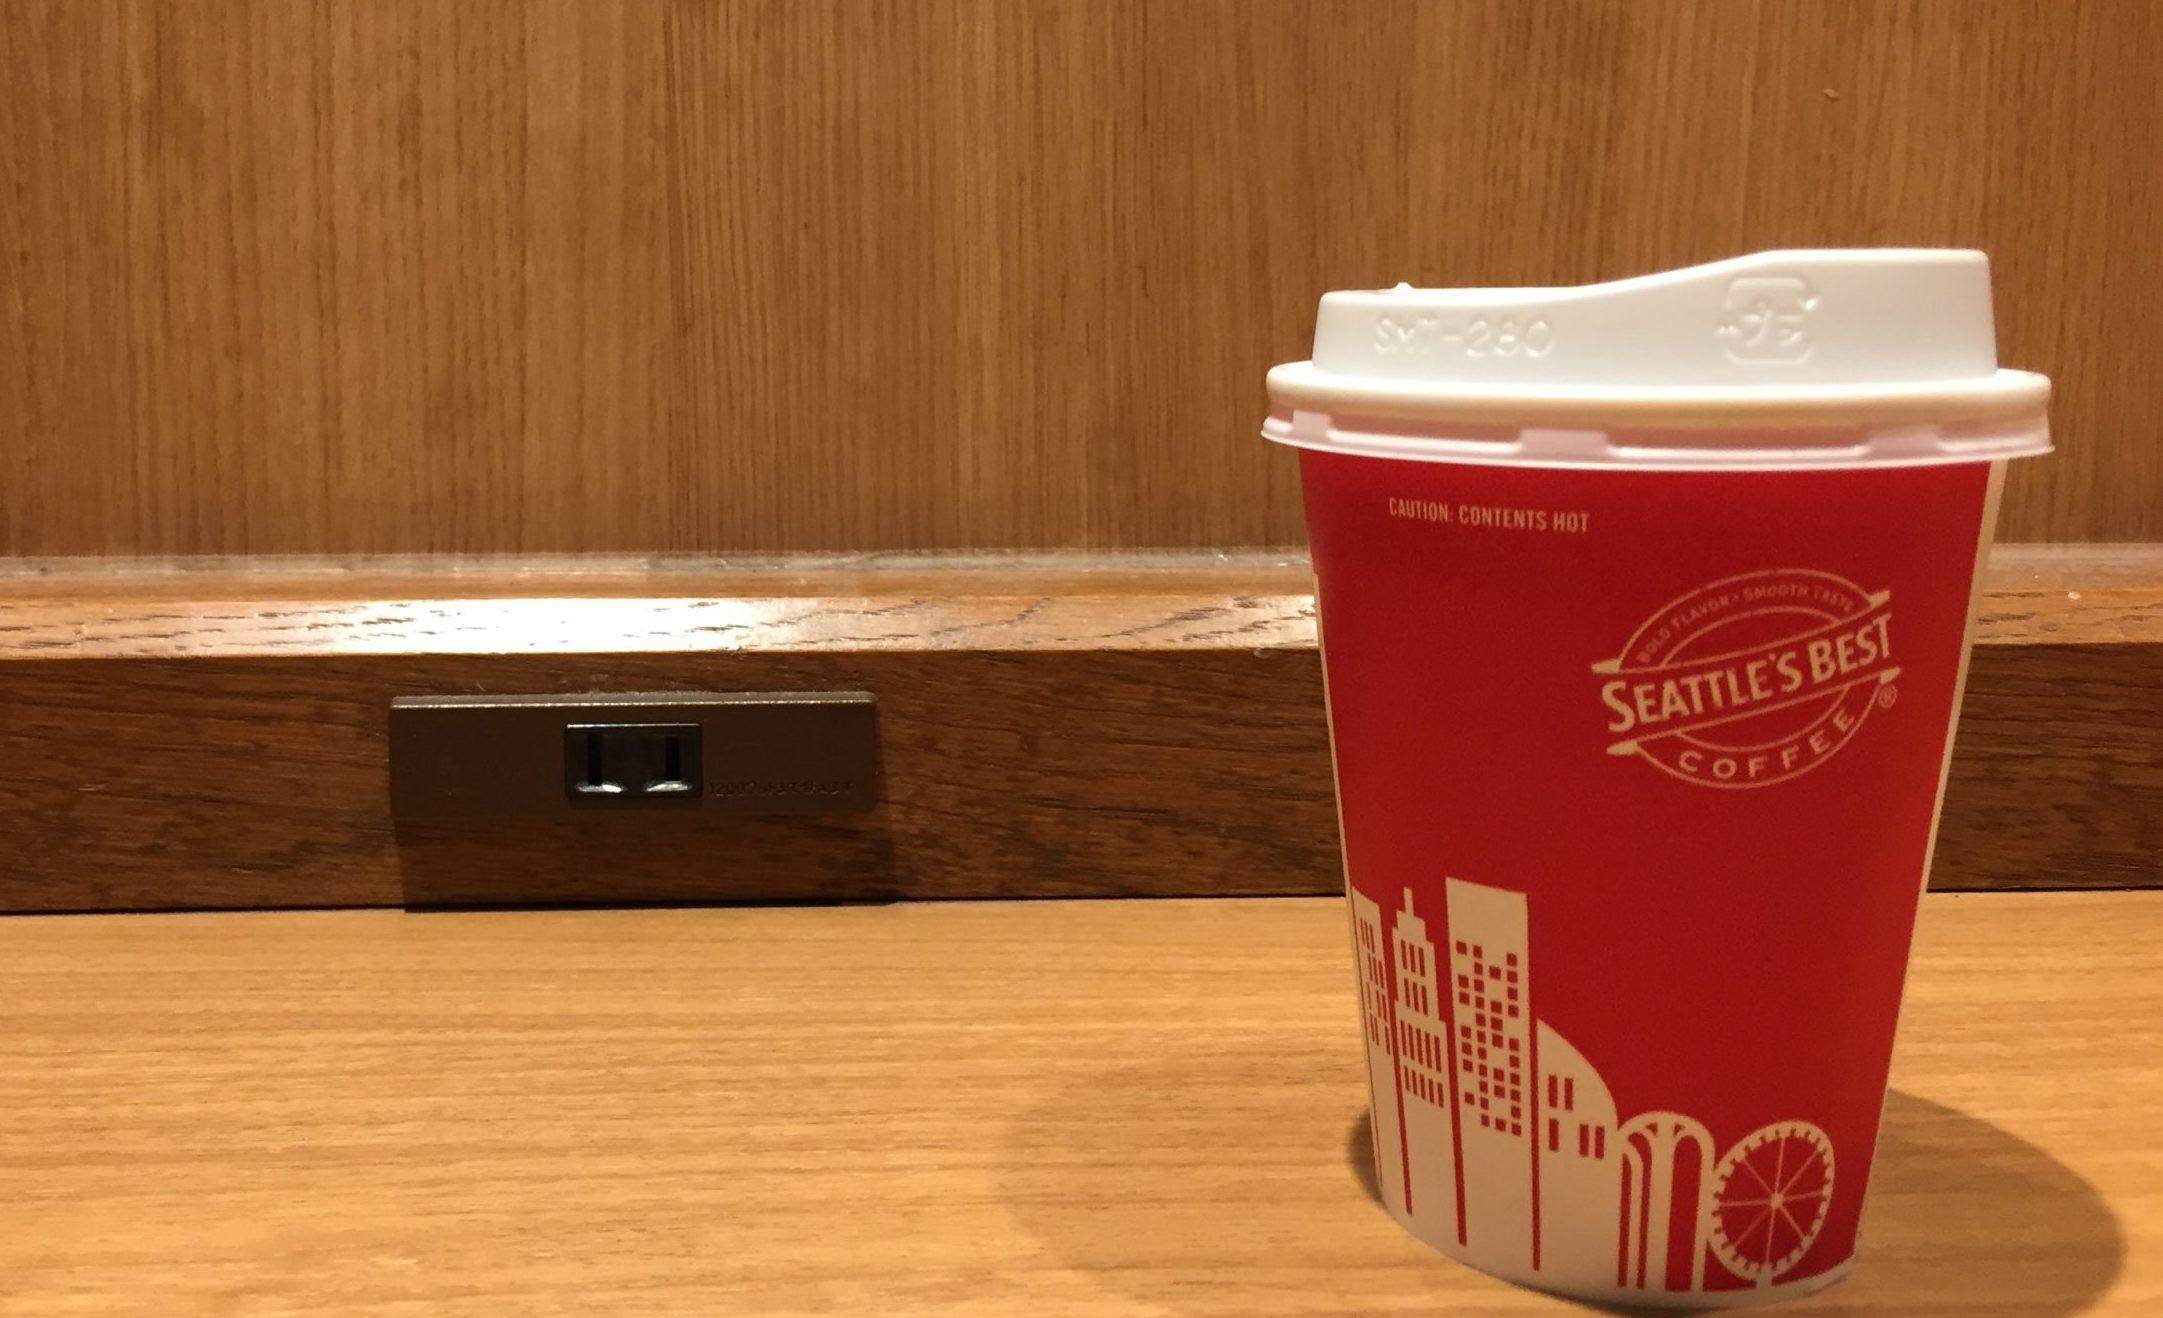 東梅田駅 電源カフェ シアトルズベストコーヒー 梅田DTタワー店 Wi-Fi